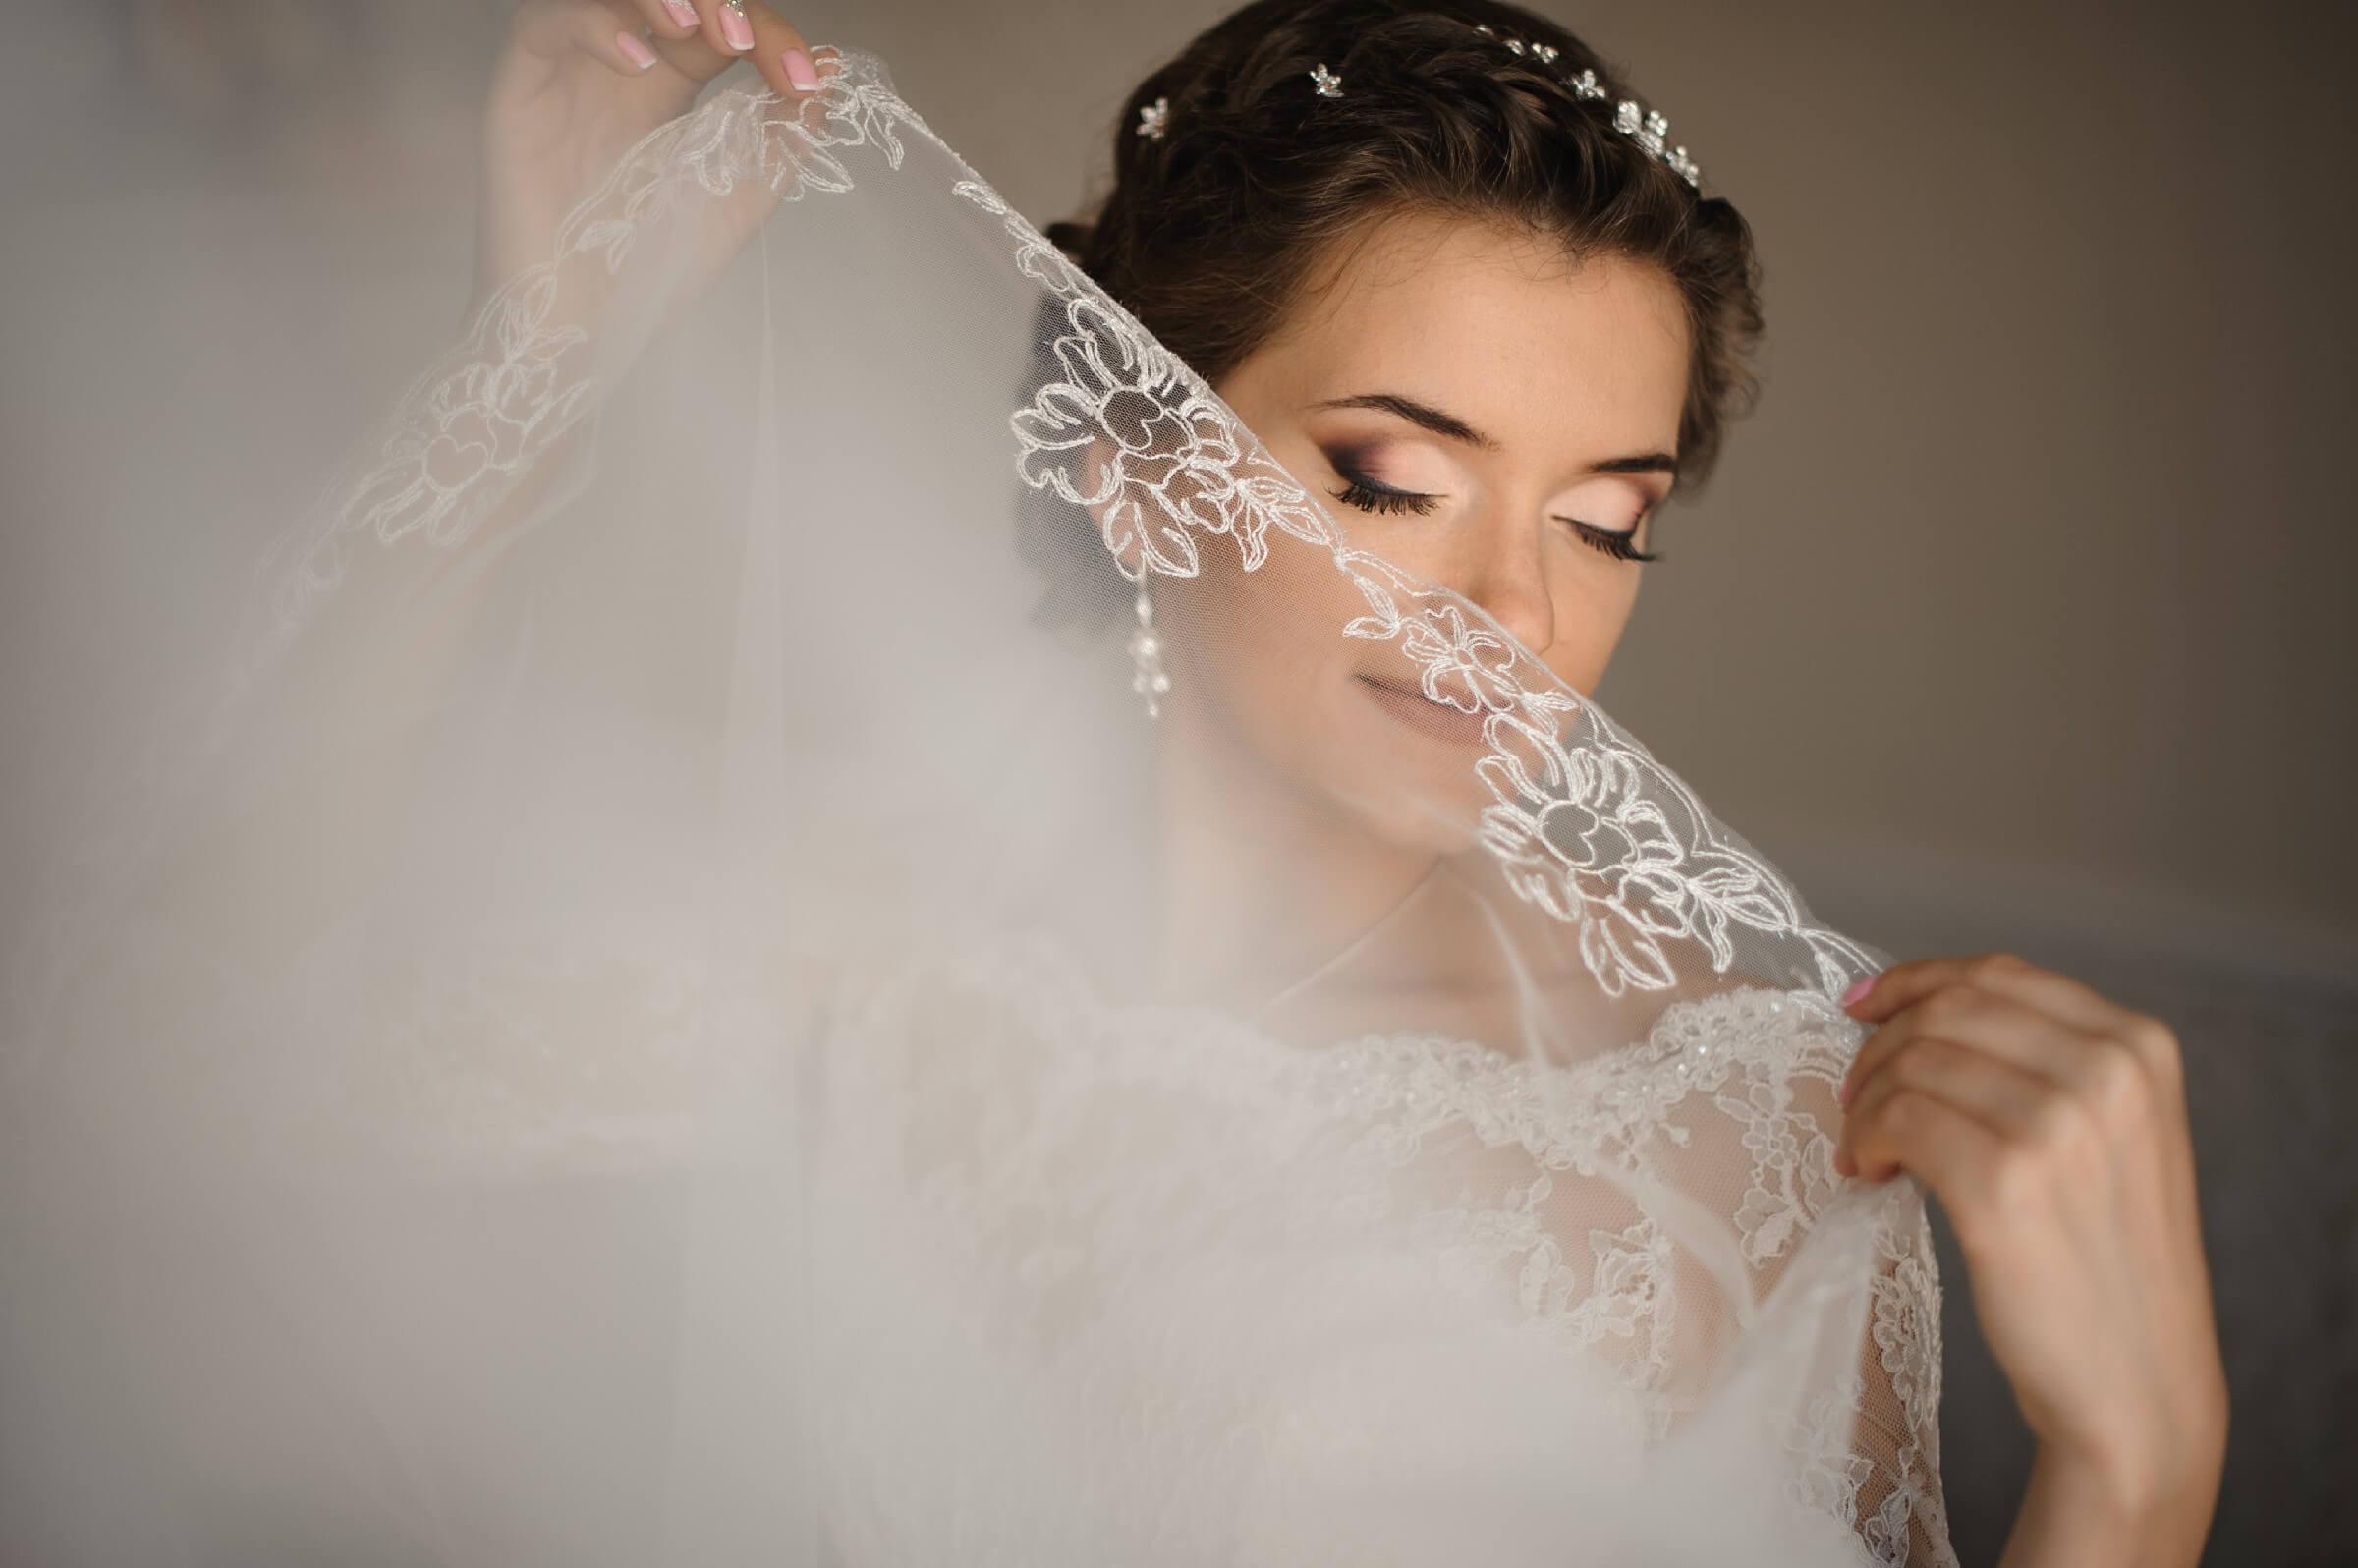 Smoky Bronzed Natural Wedding Makeup Look